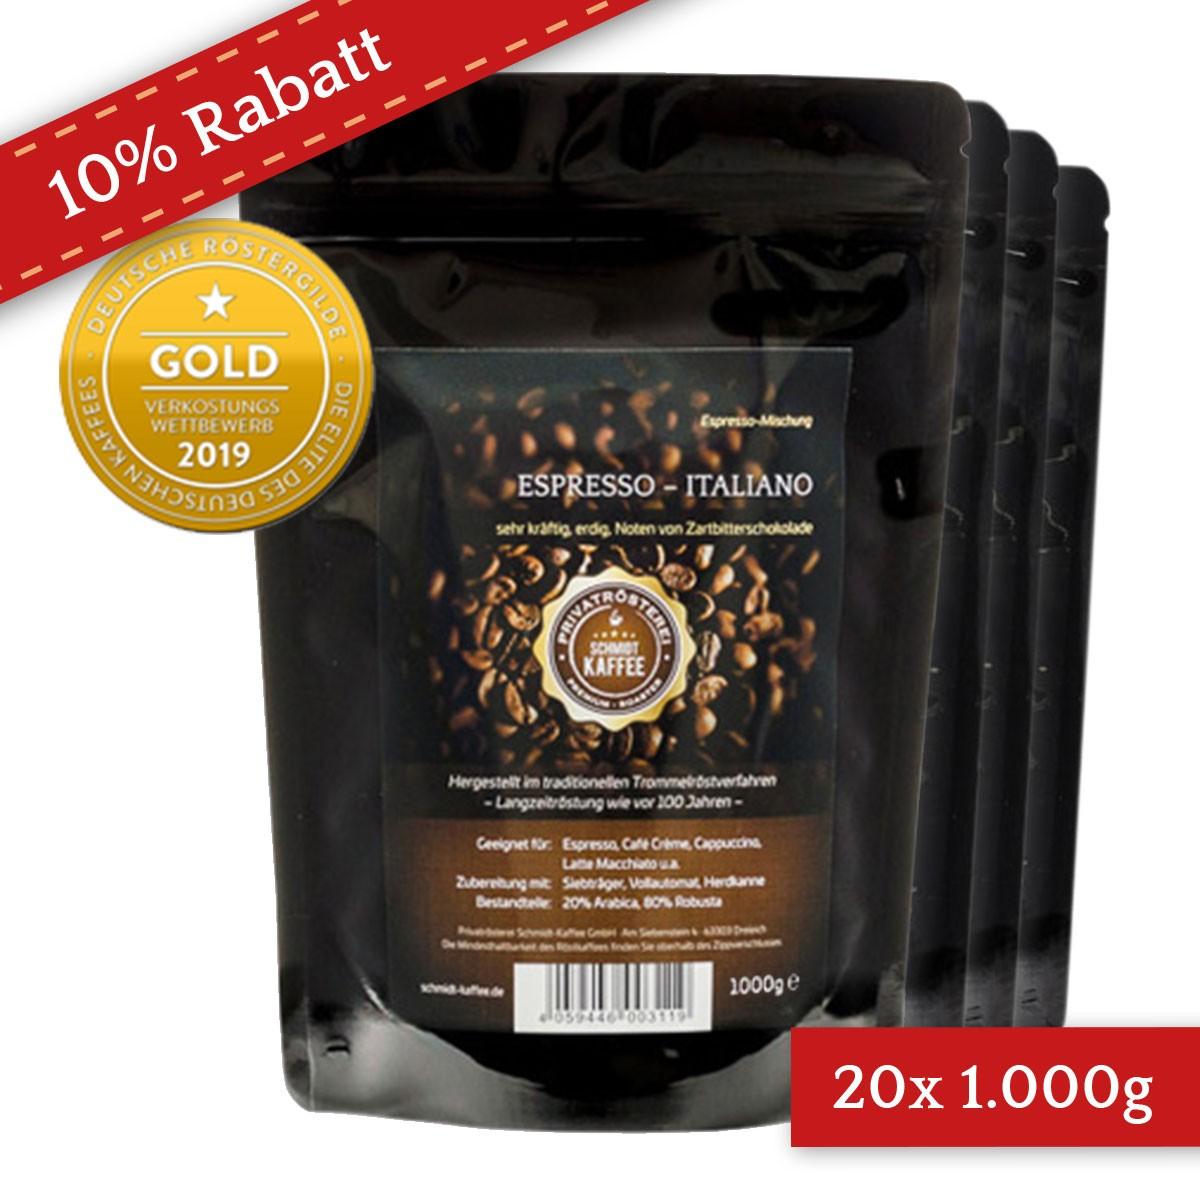 20 Kilo Karton Espresso Italiano